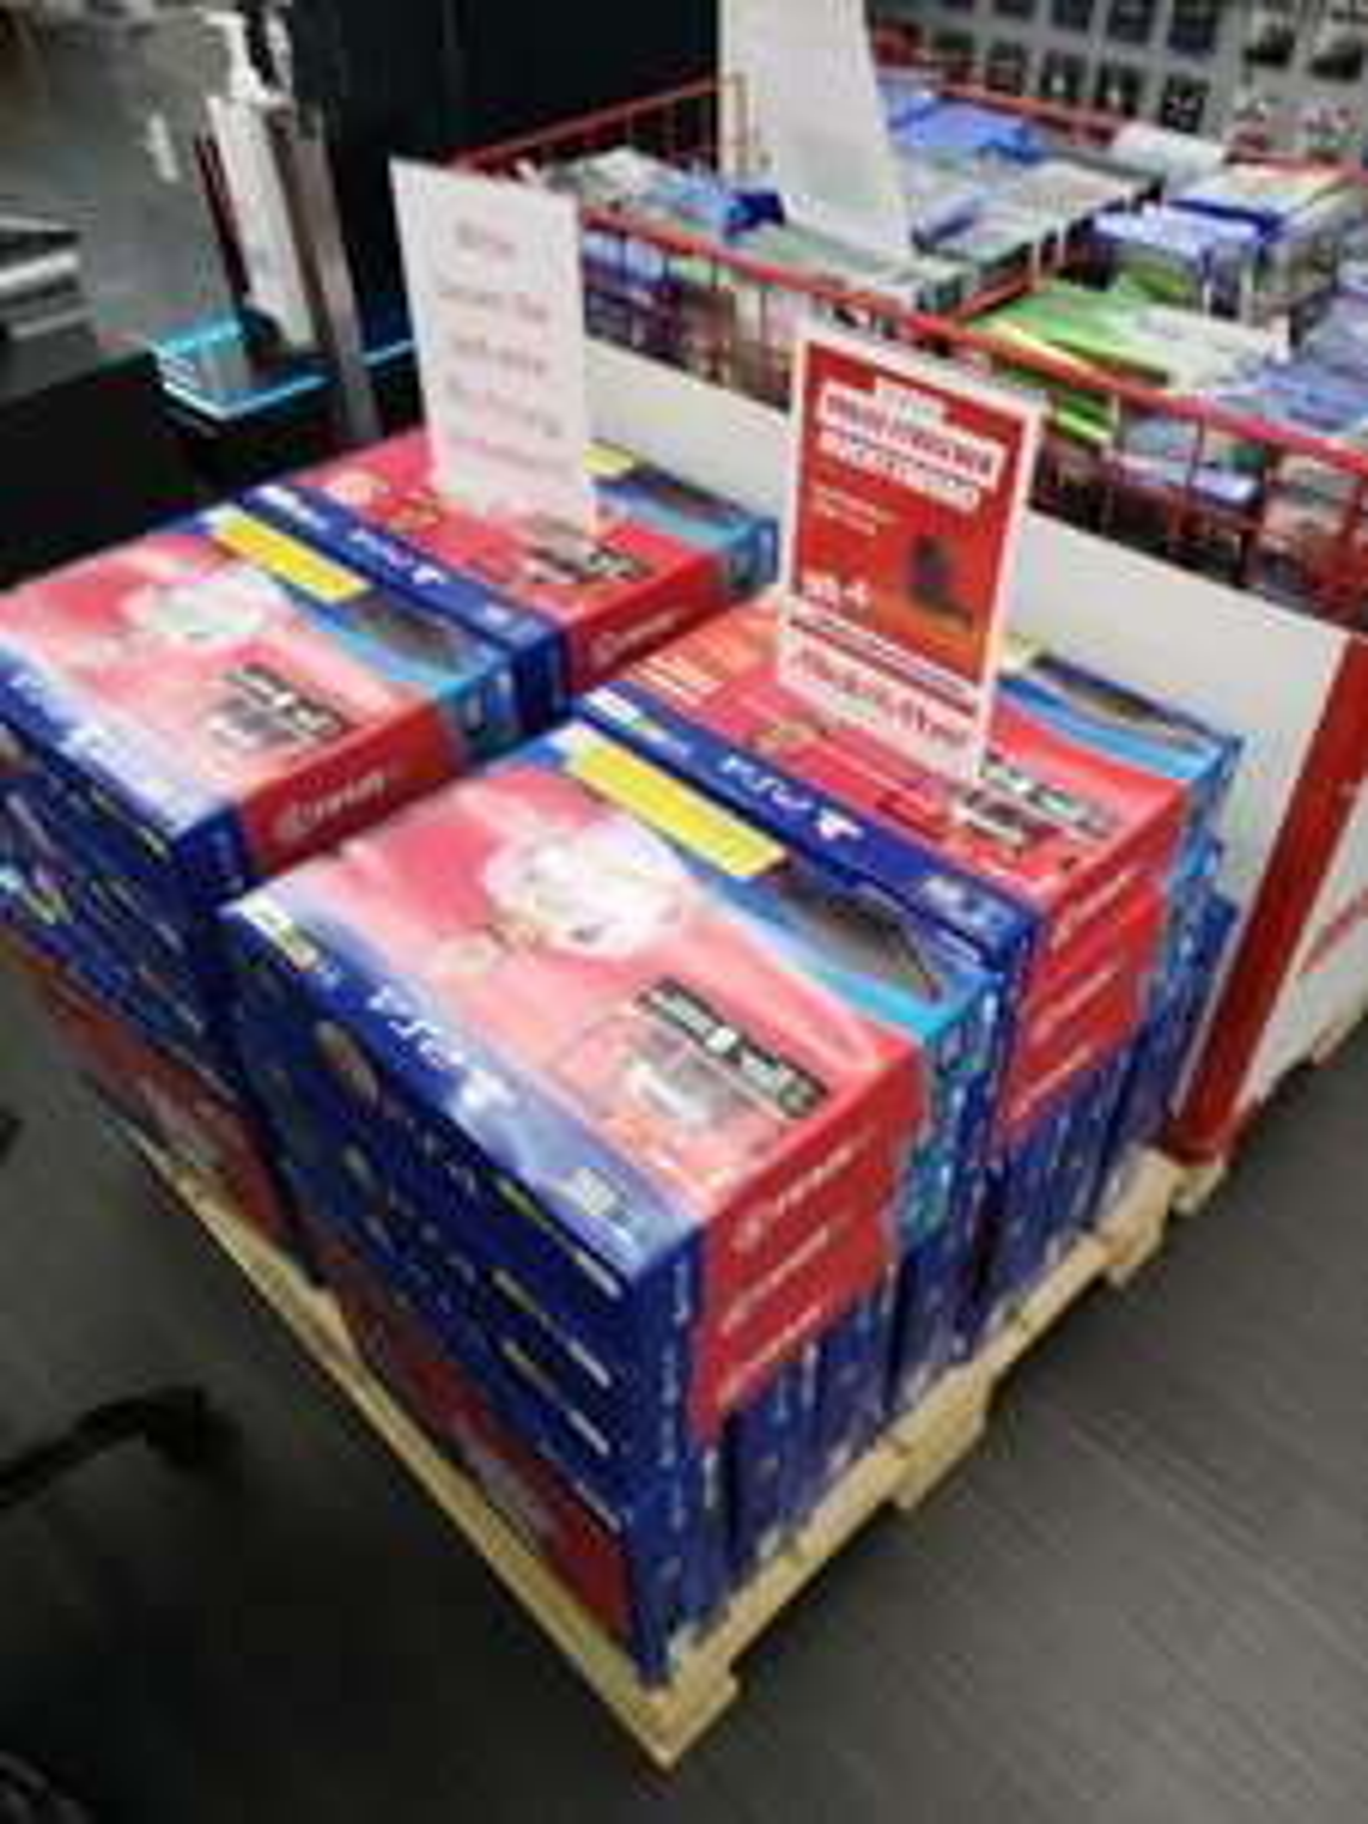 Lokal Media Markt Ingolstadt Playstation 4 500GB + Fifa 20